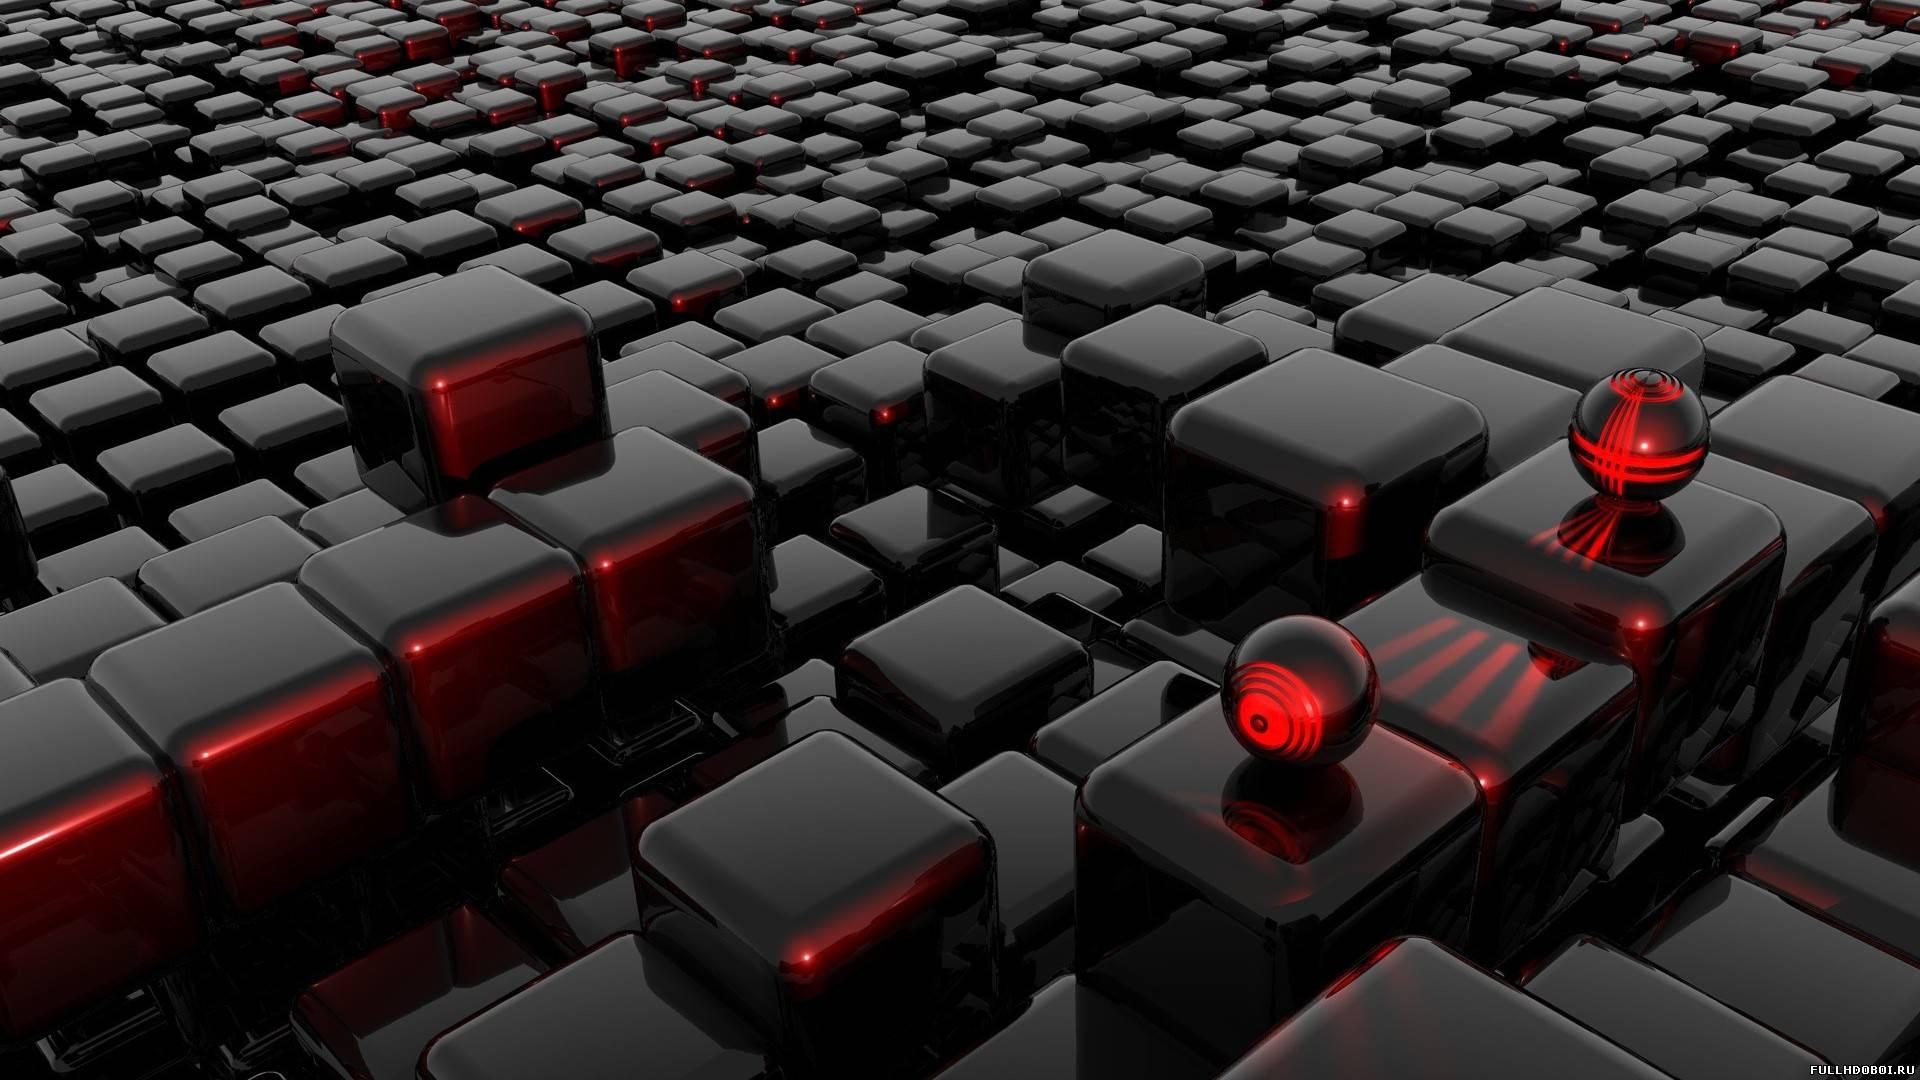 Обои черные кубики для рабочего стола